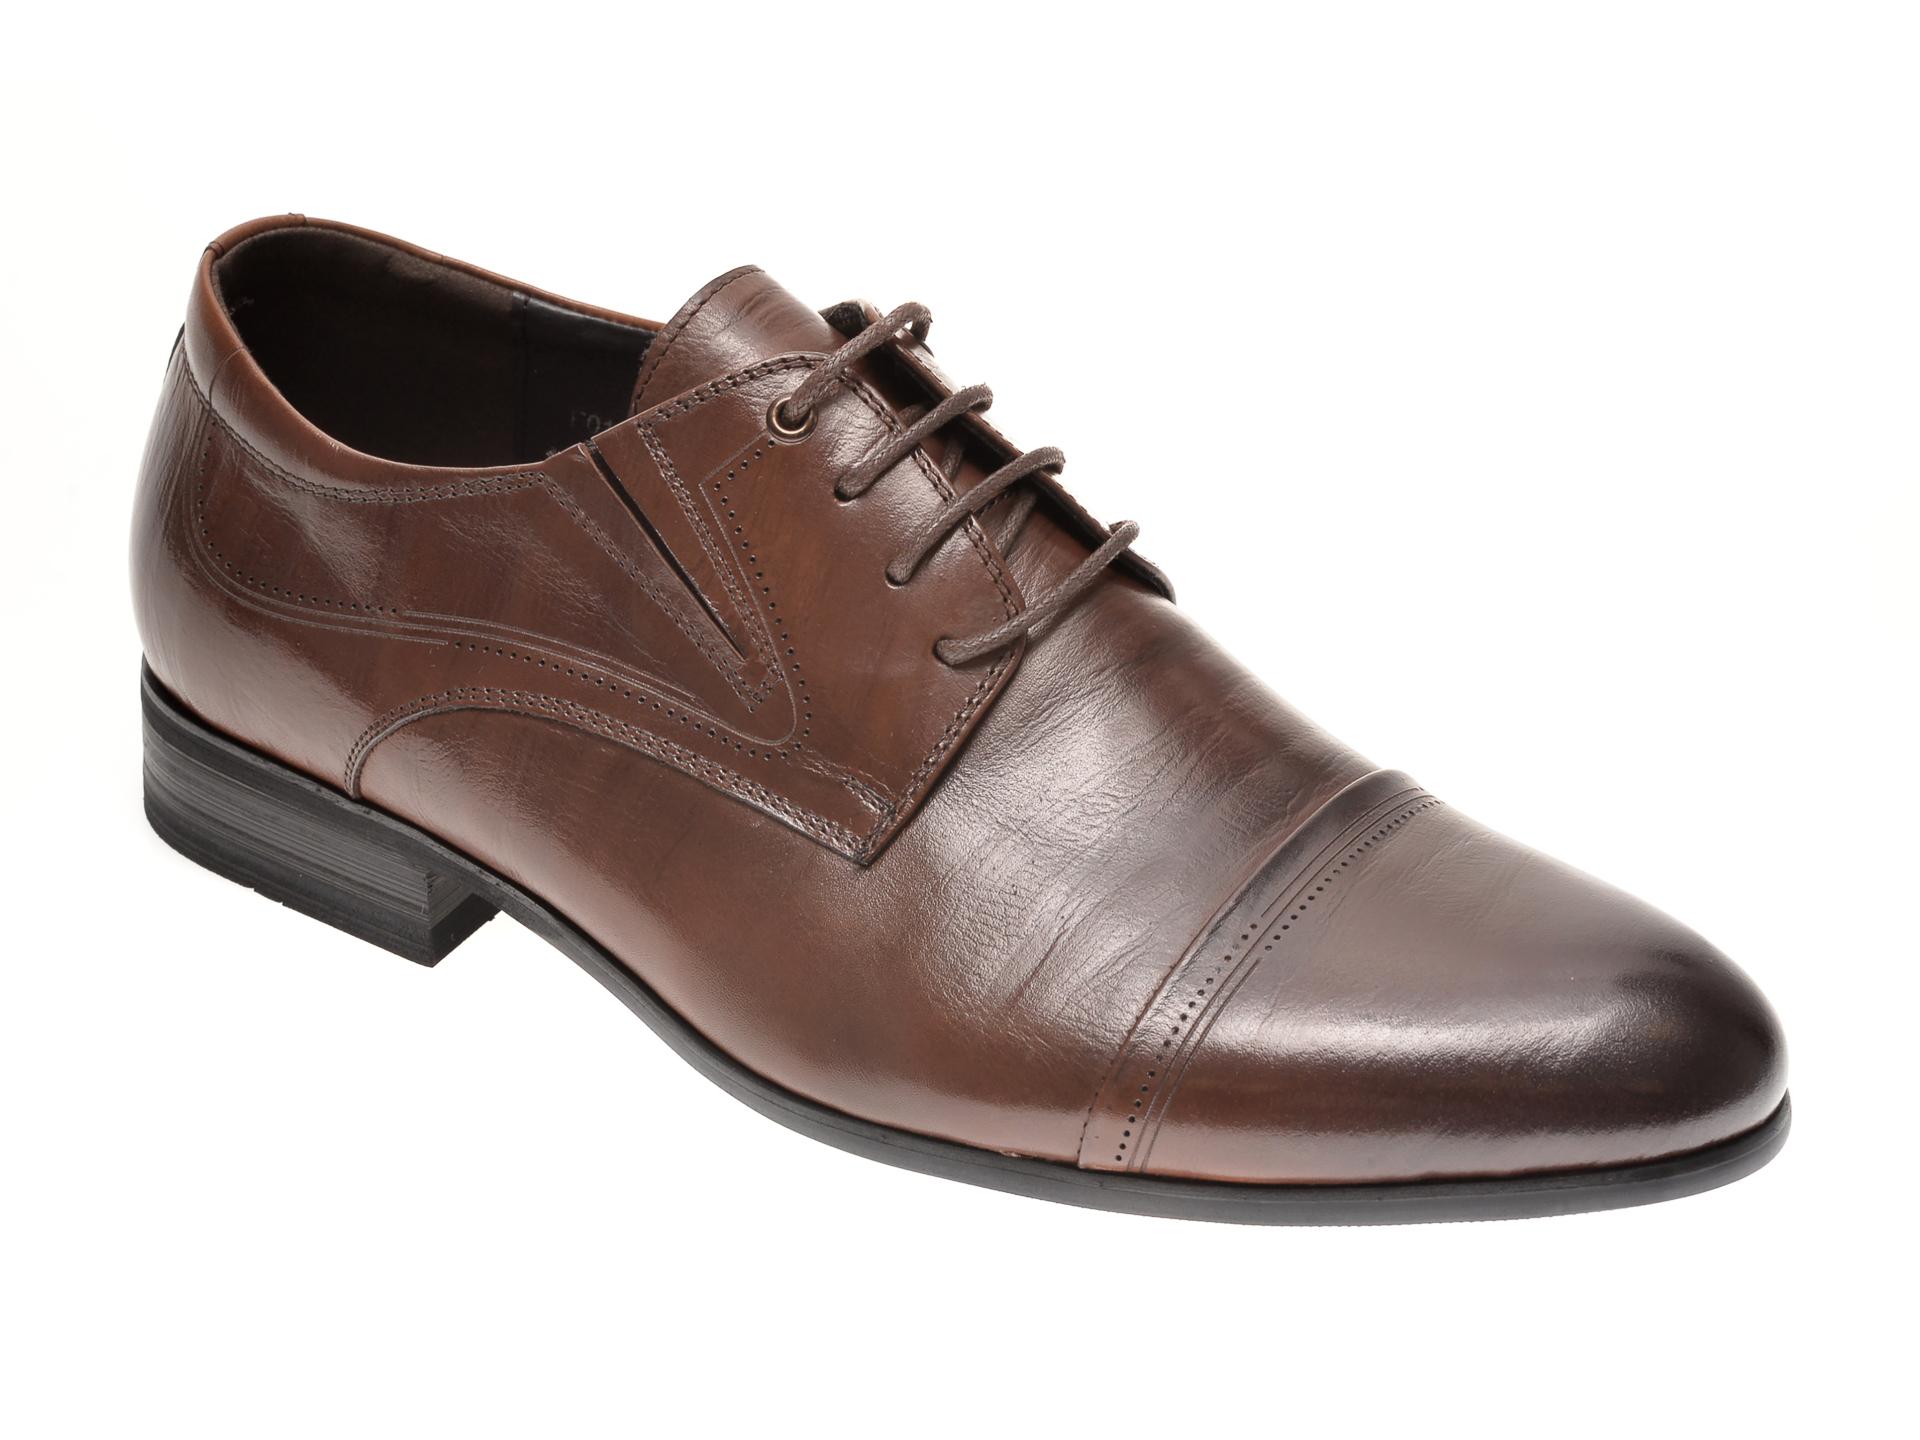 Pantofi OTTER maro, F01891, din piele naturala imagine otter.ro 2021